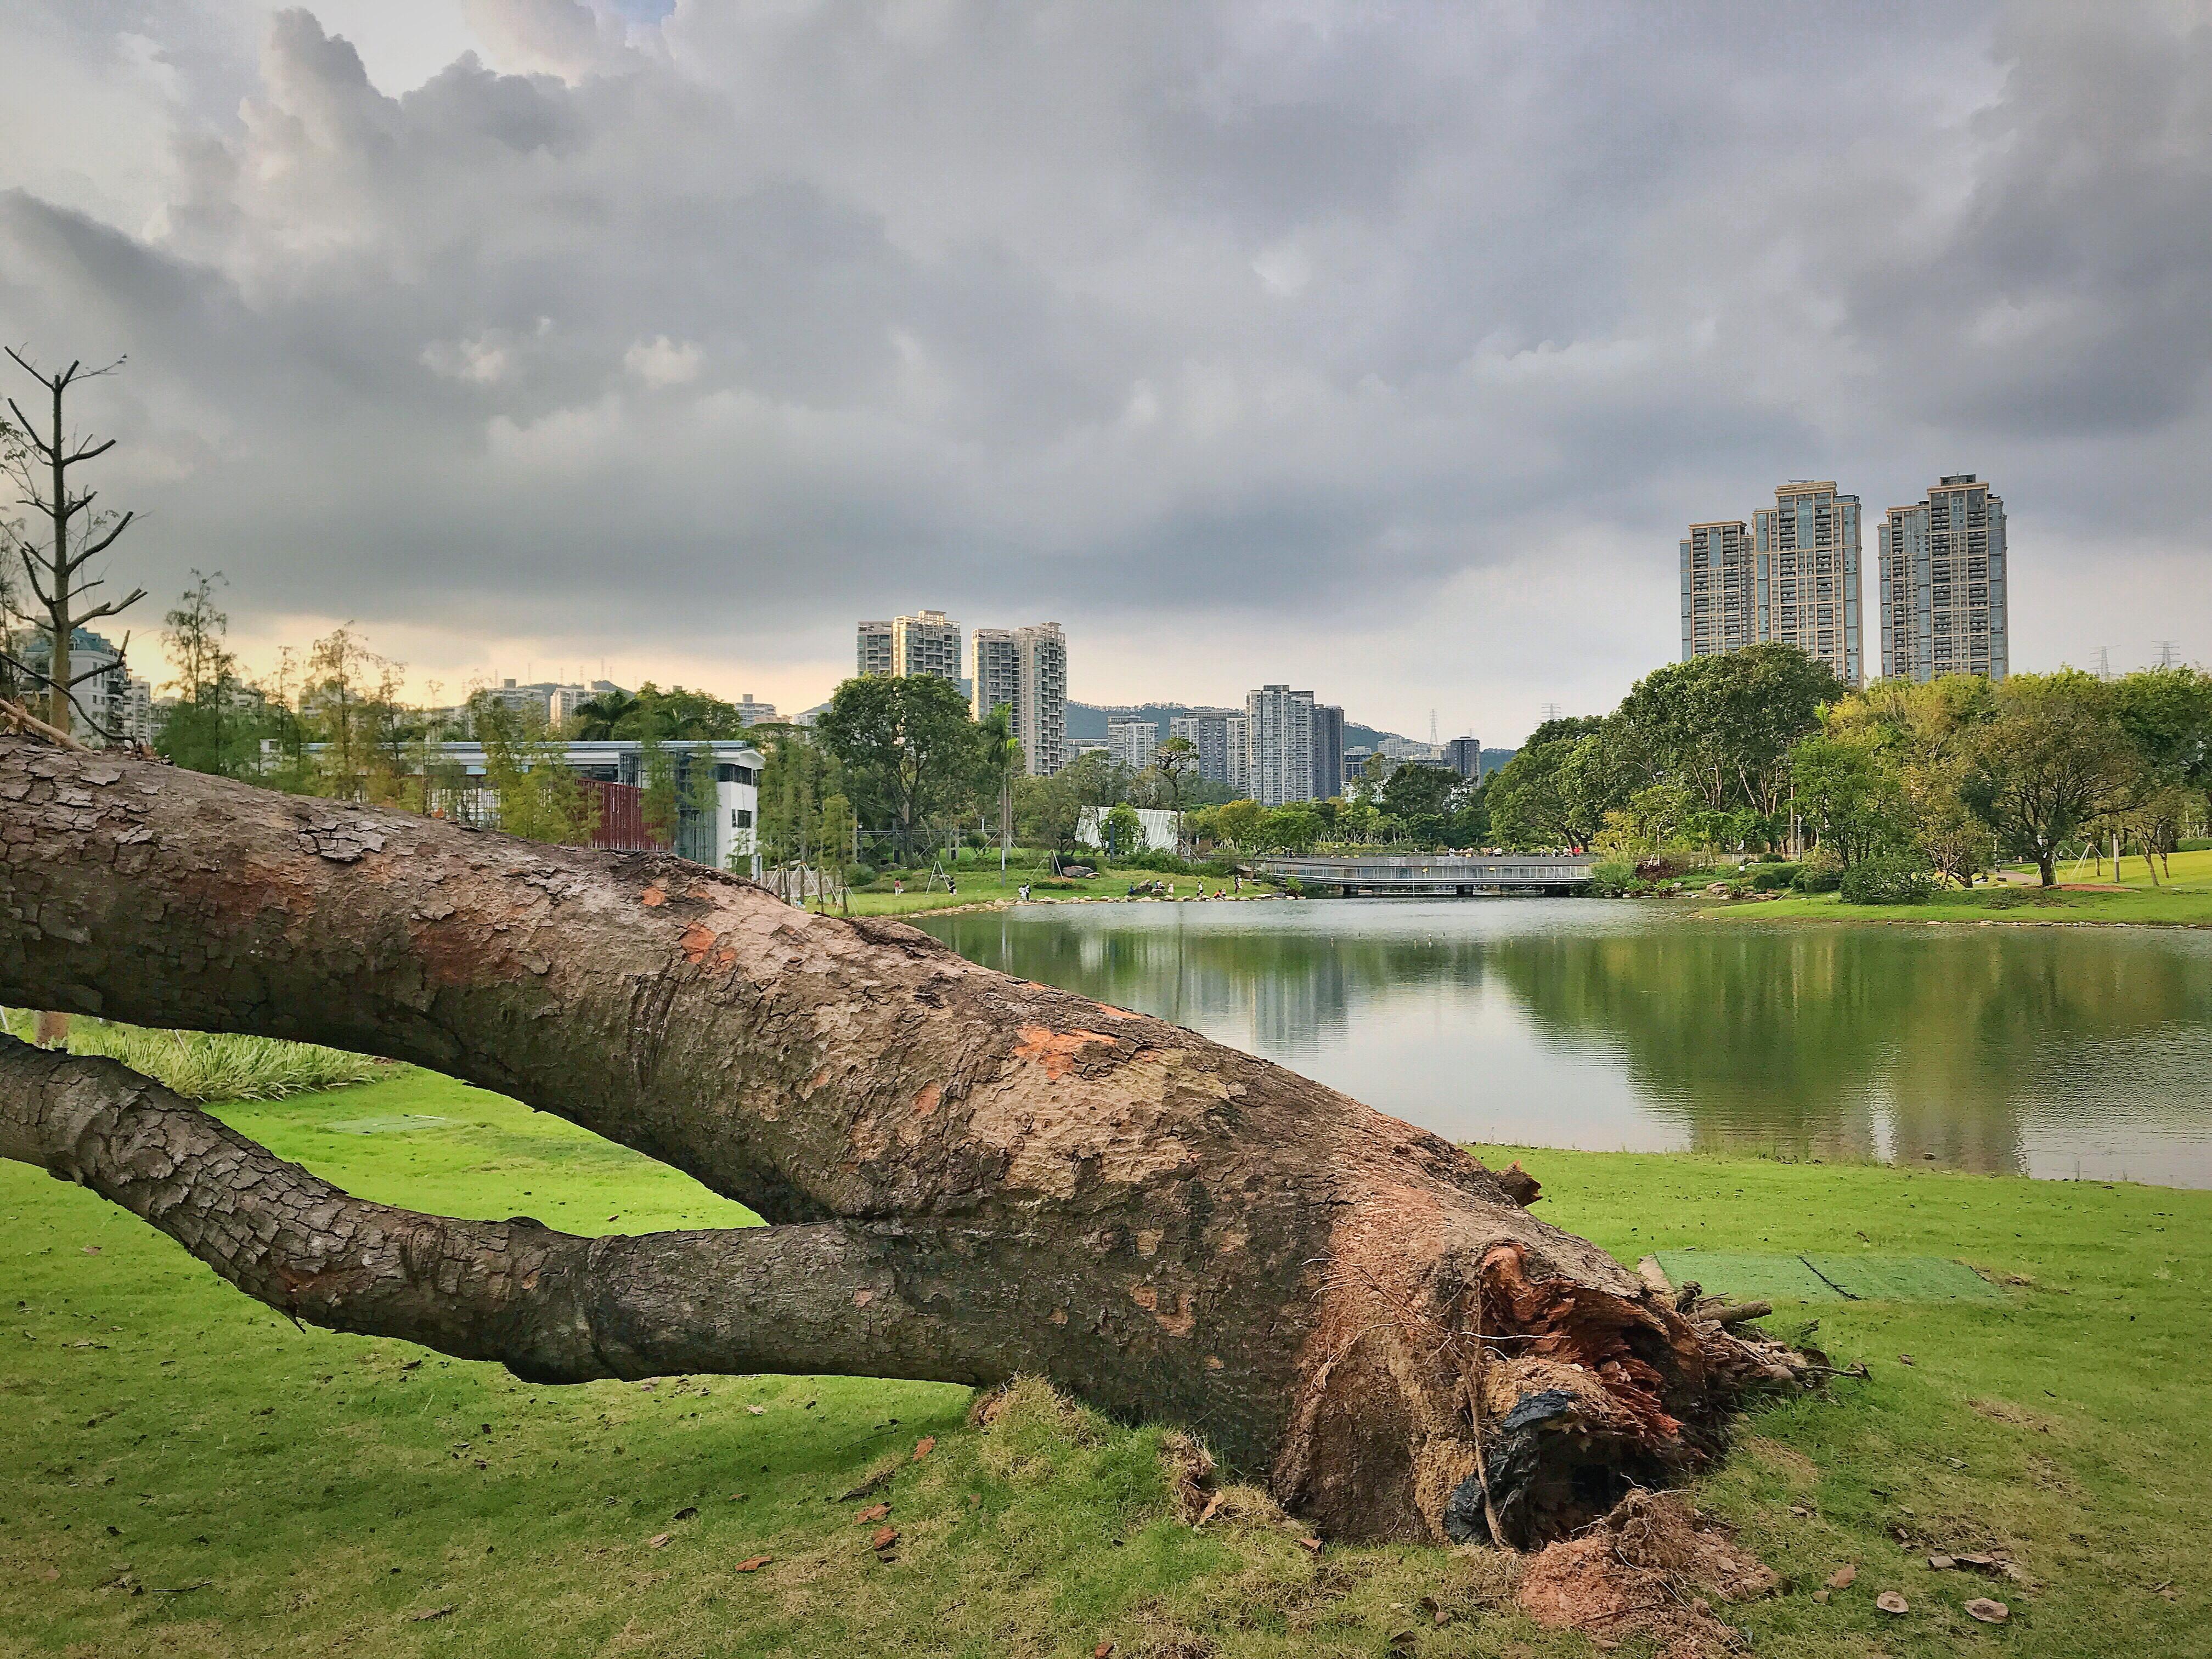 Shenzhen Typhoon Mangkhut